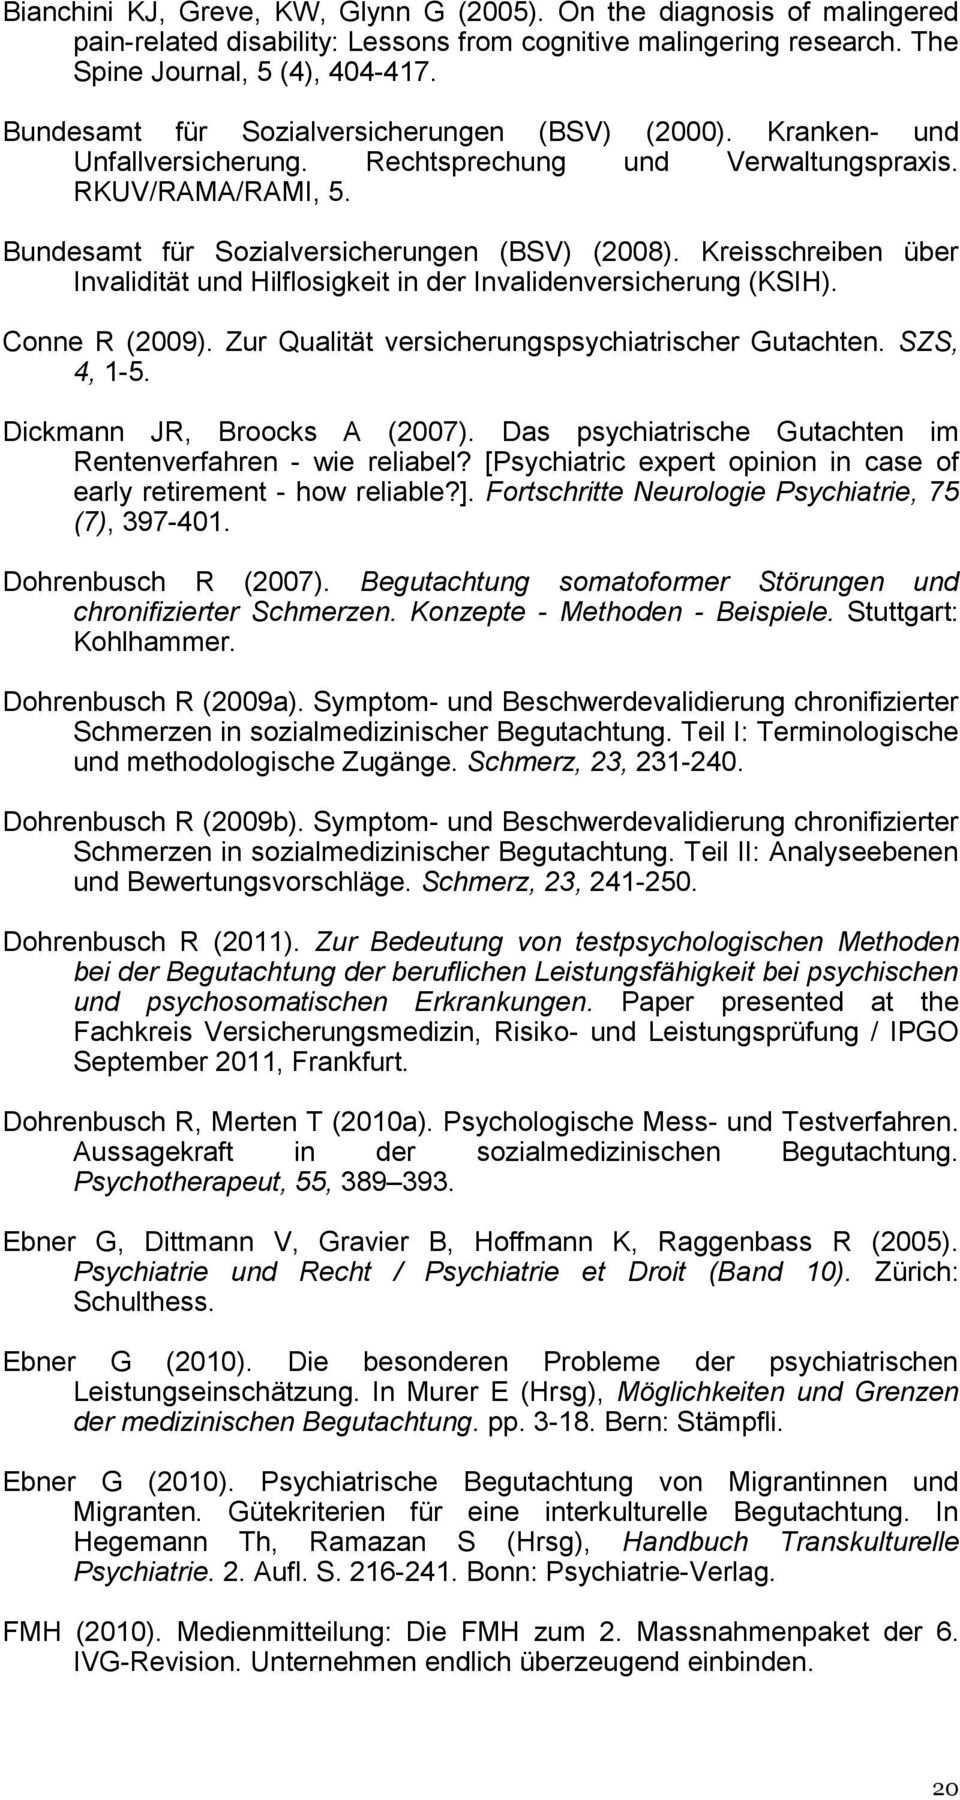 Qualitatsleitlinien Fur Psychiatrische Gutachten In Der Eidgenossischen Invalidenversicherung Pdf Kostenfreier Download